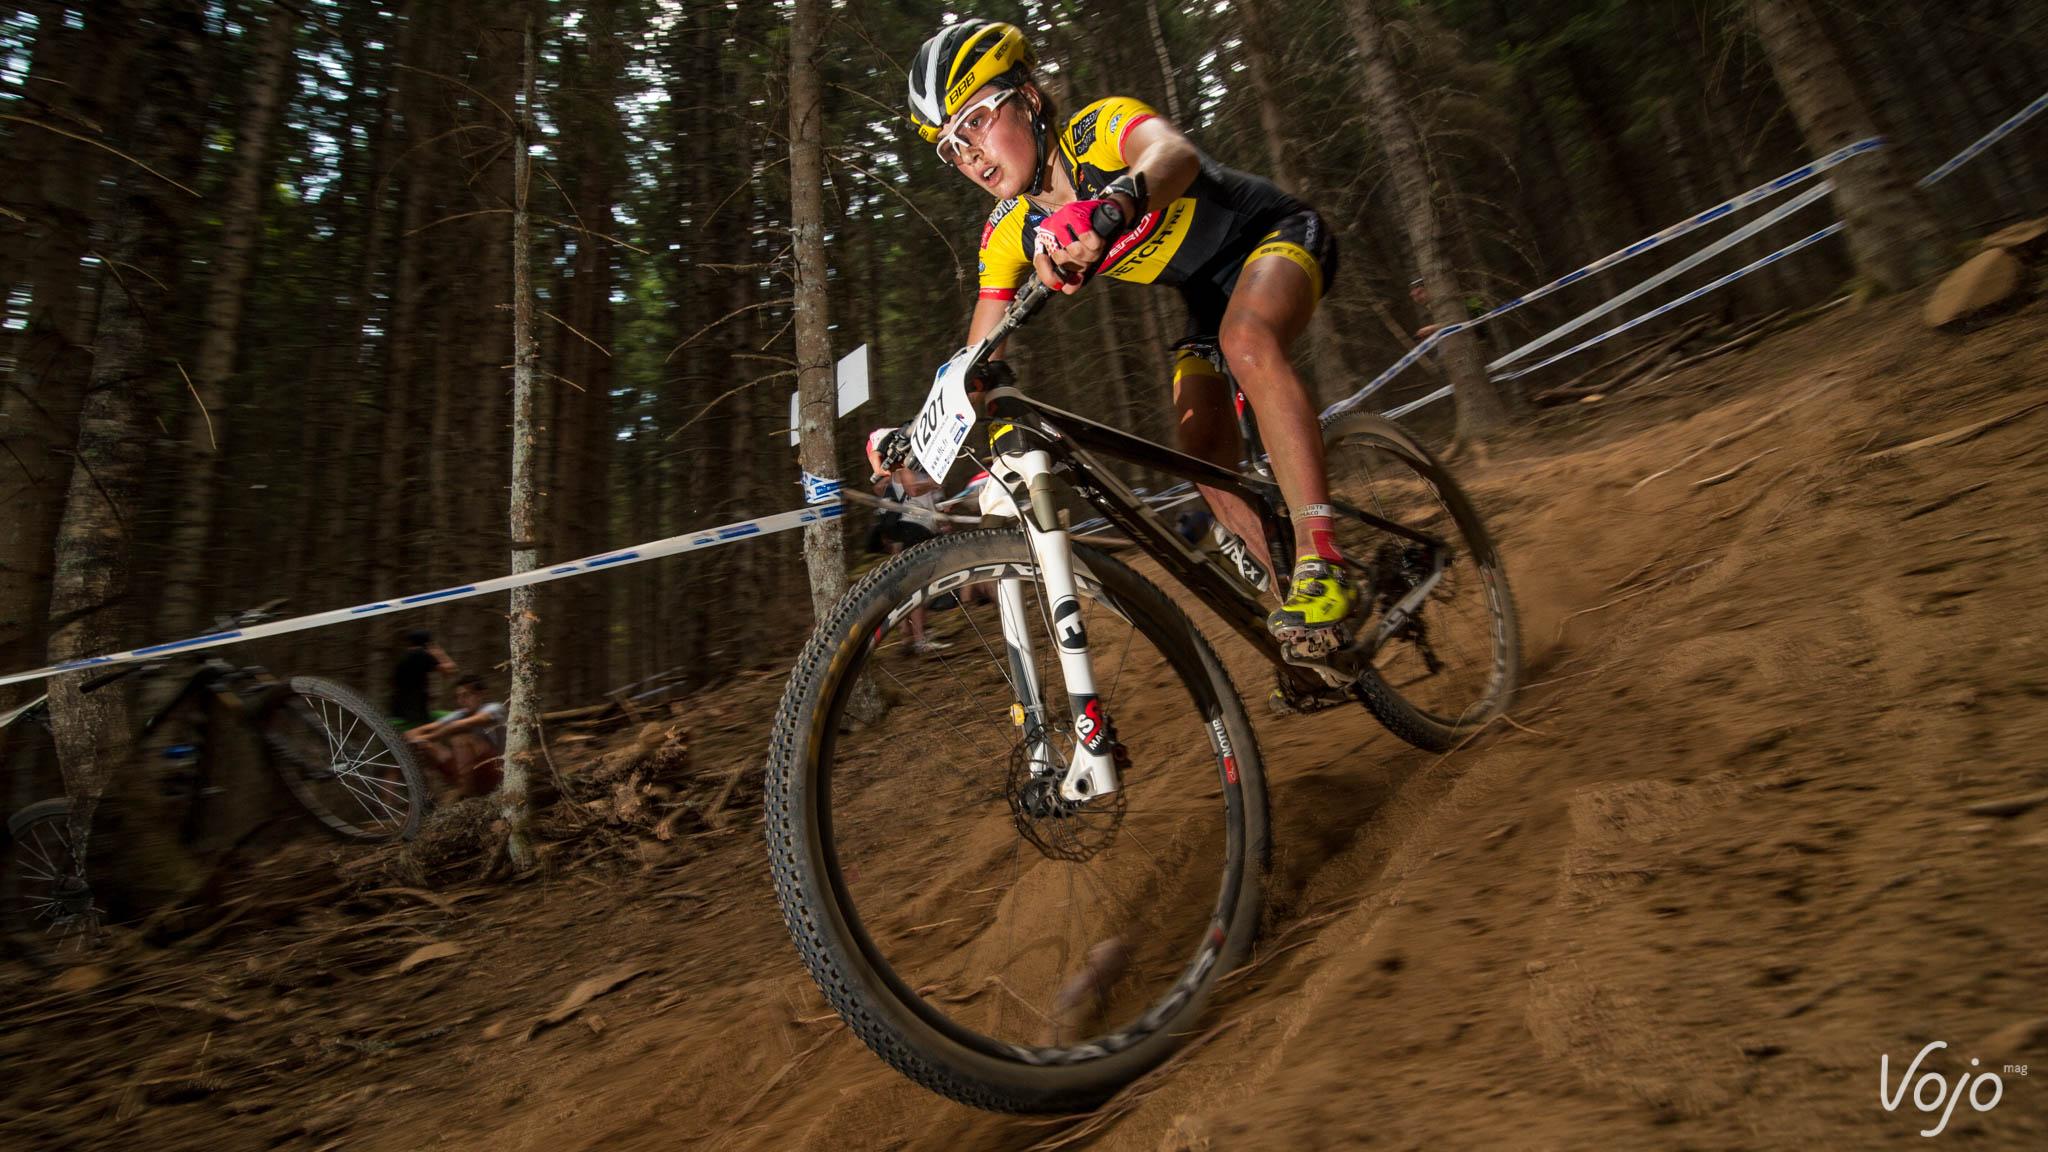 Championnats-de-france-2015-Oz-XC-Espoirs-finale-46